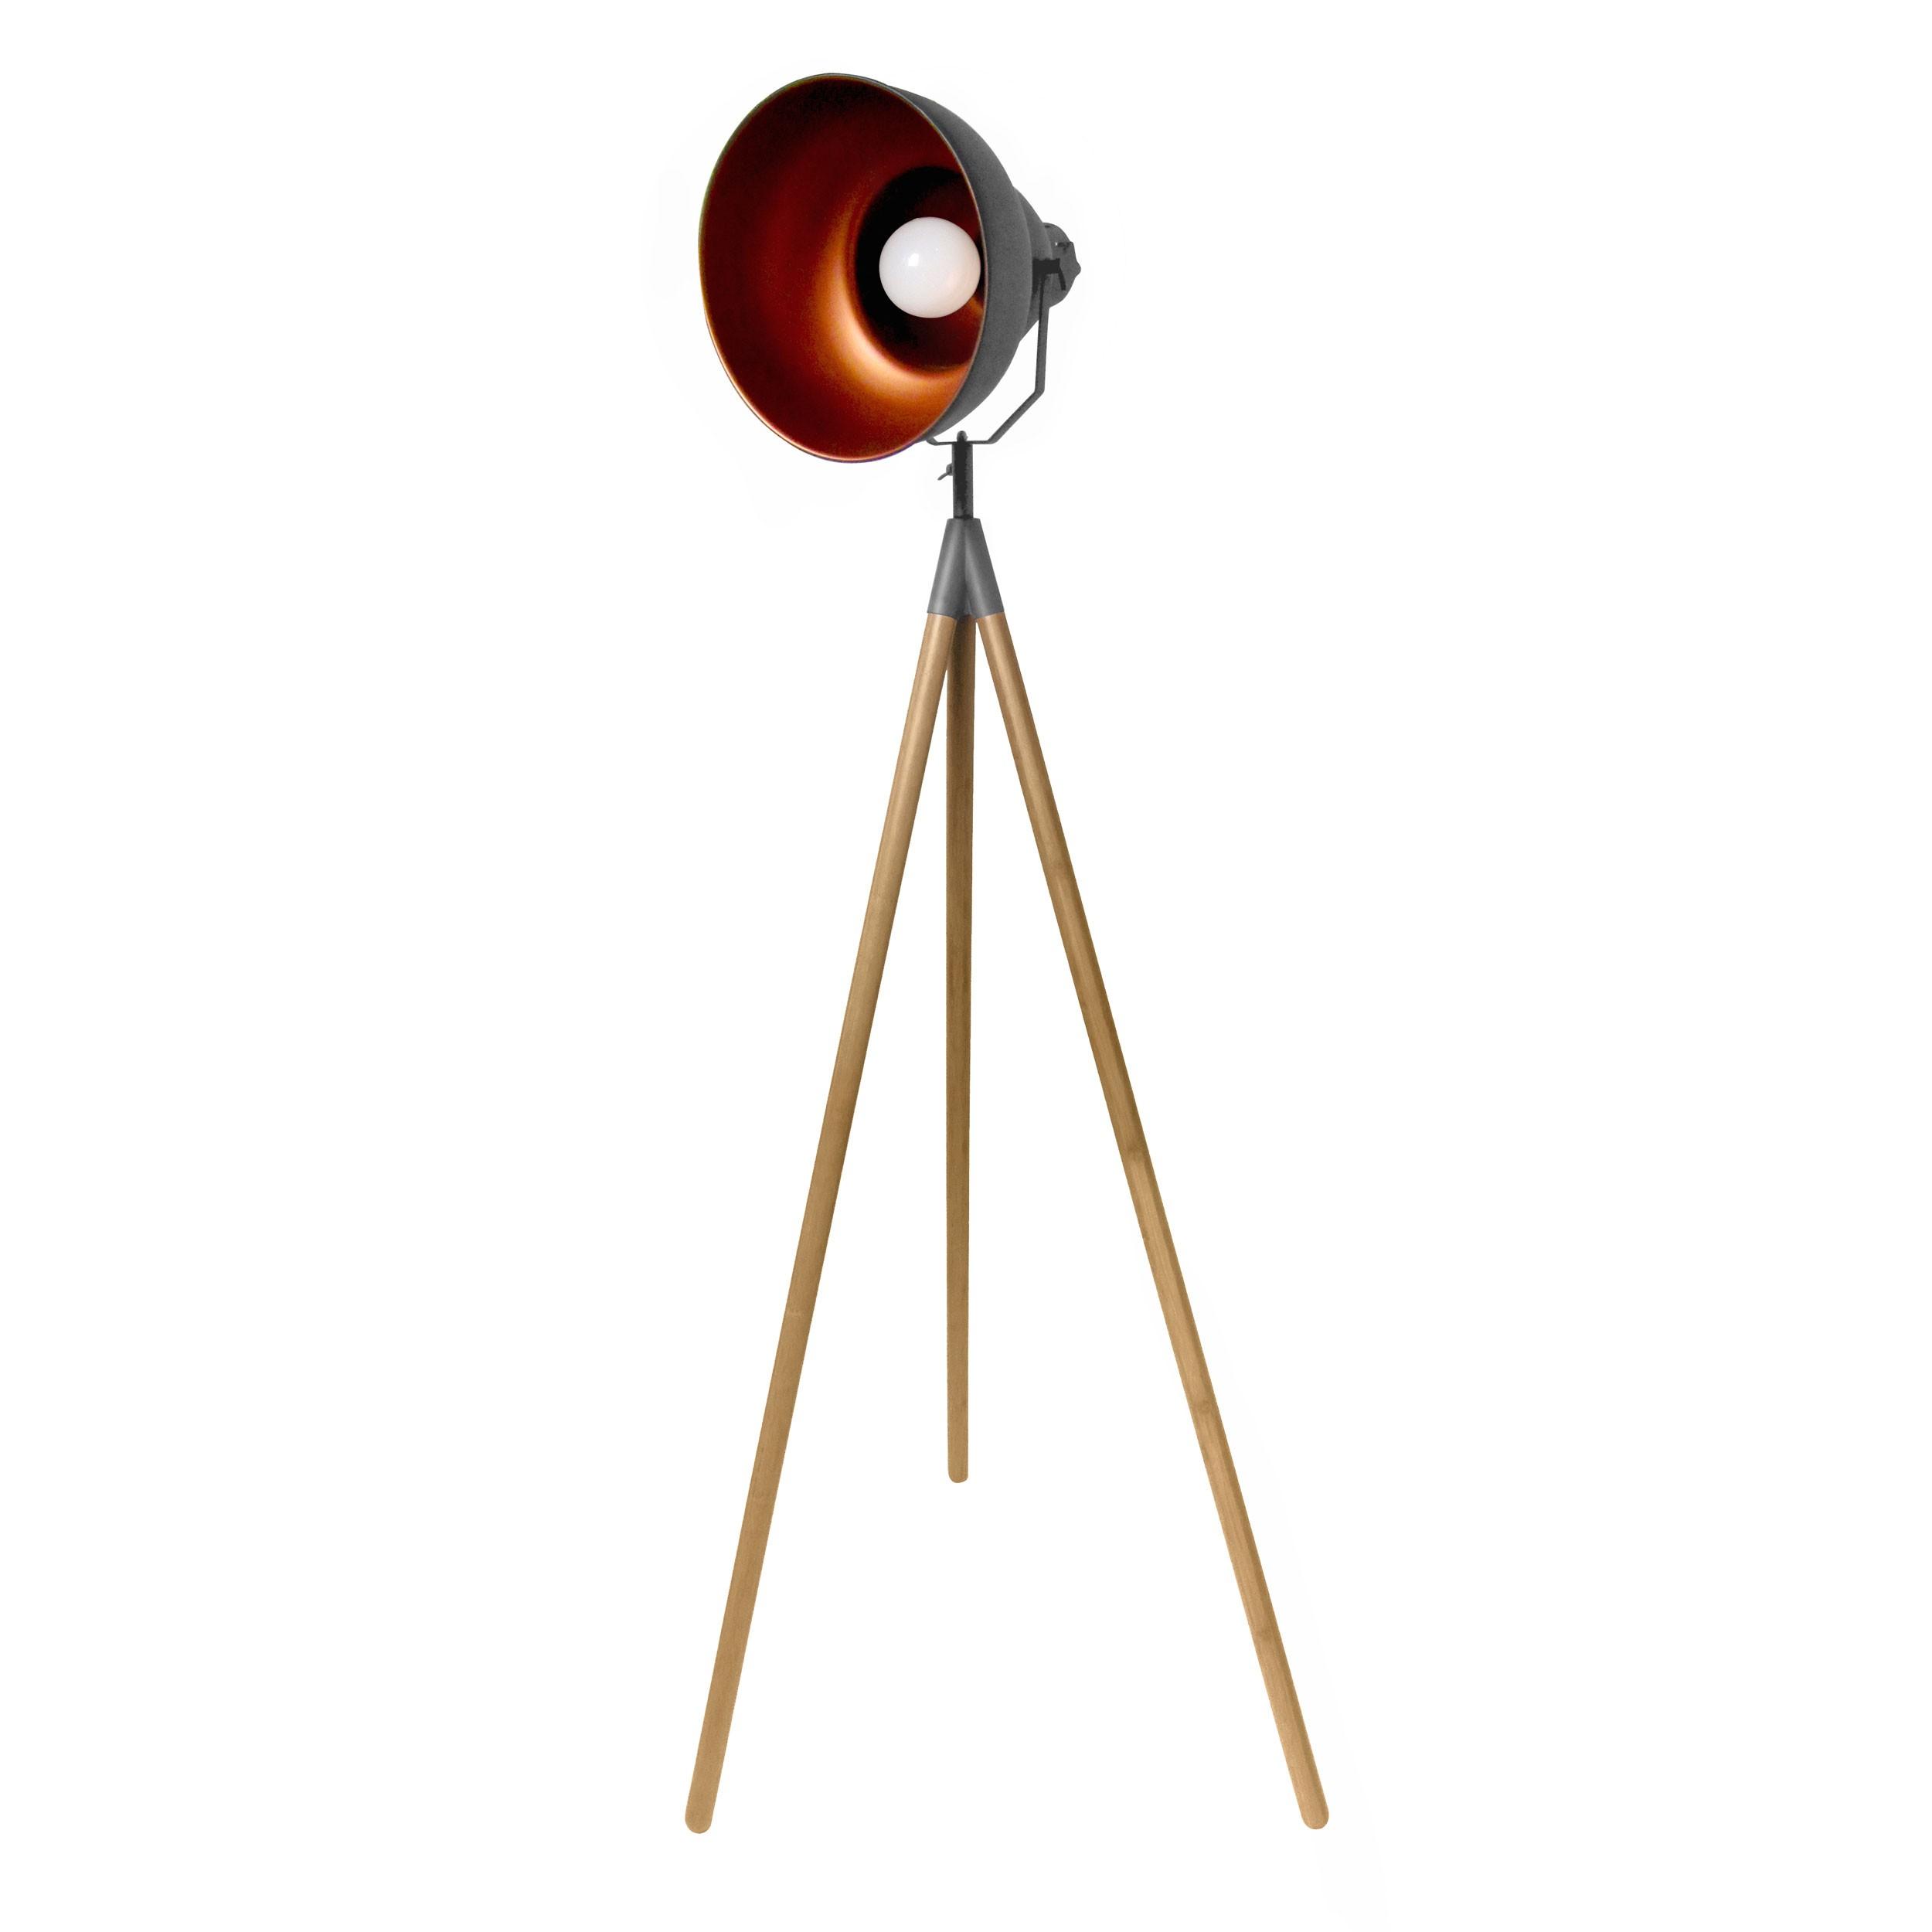 lampadaire tr pied atelier choisissez nos lampadaires. Black Bedroom Furniture Sets. Home Design Ideas